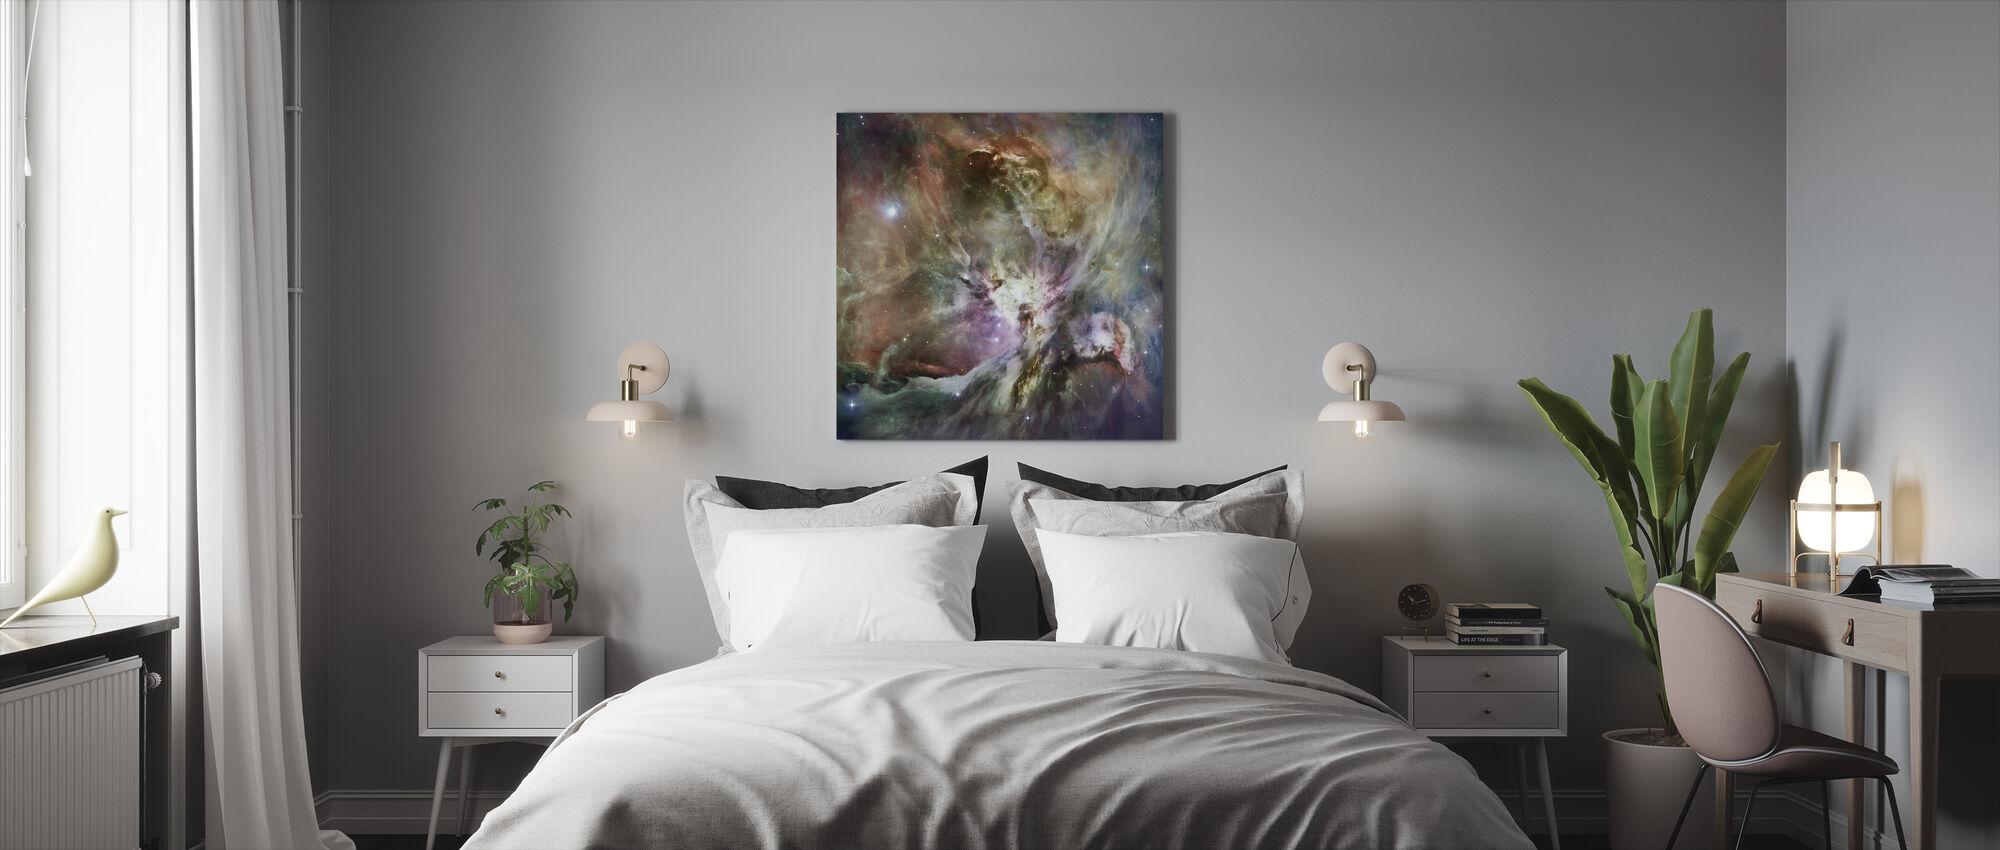 Orionin tähtisumu - Canvastaulu - Makuuhuone